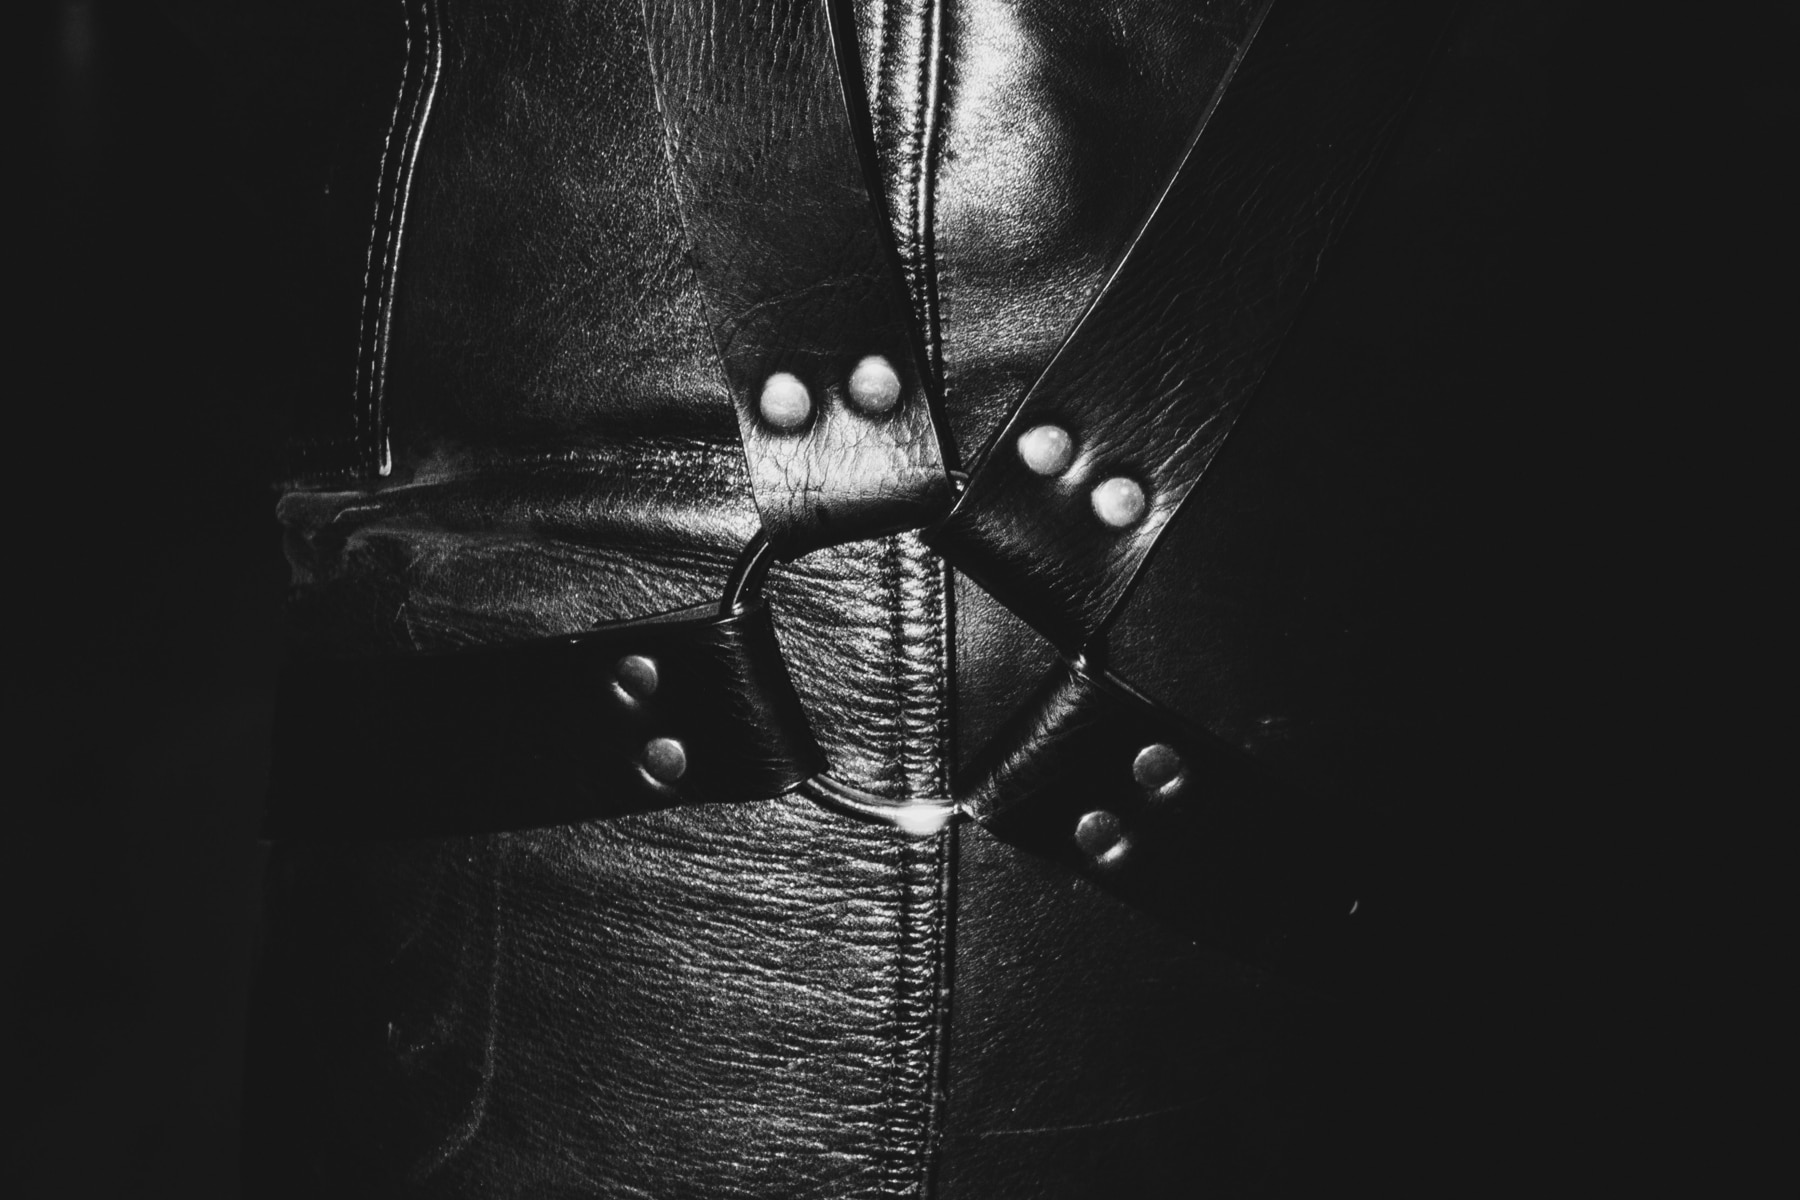 leather fetish